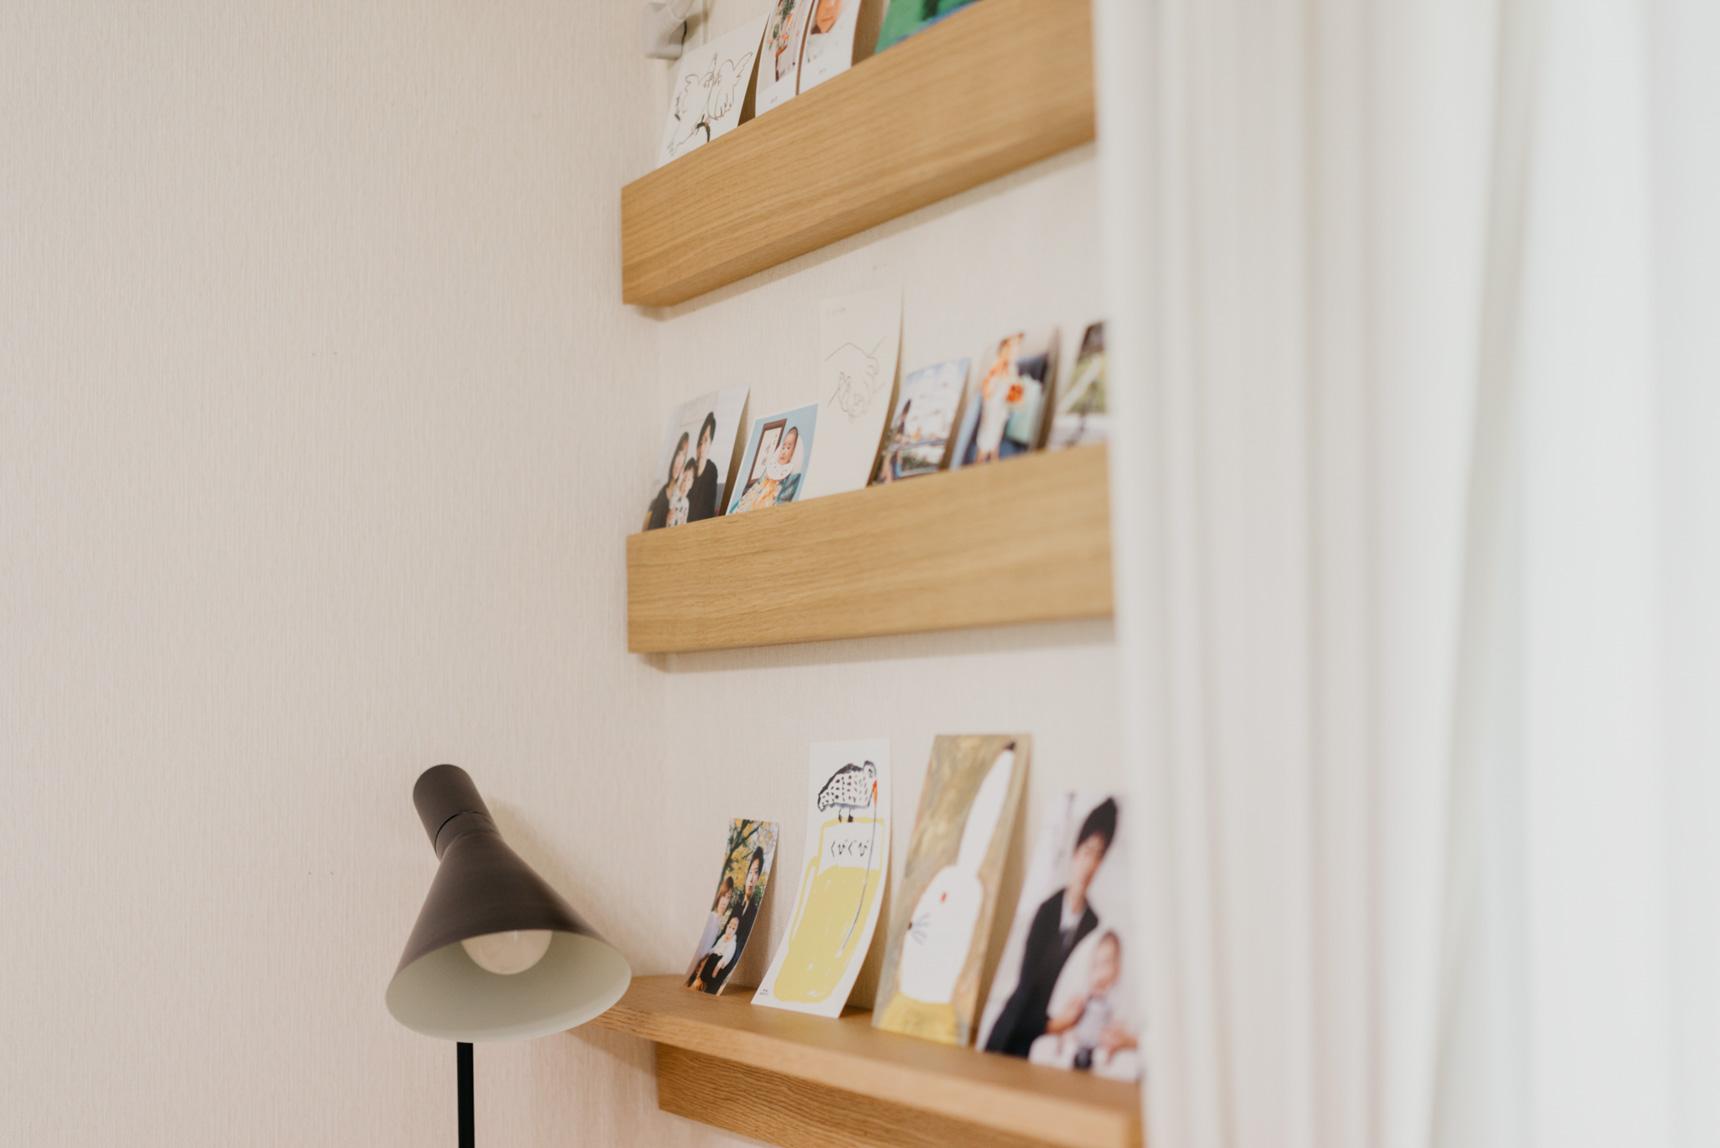 家族の写真は、記念日のものと、毎月スマートフォンから写真を送ると印刷してもらえるサービス「ALBUS」を利用したもの。無印良品の壁につけられる家具を使って飾っています。その月の分を飾ったら、あとは専用のアルバムで保管。